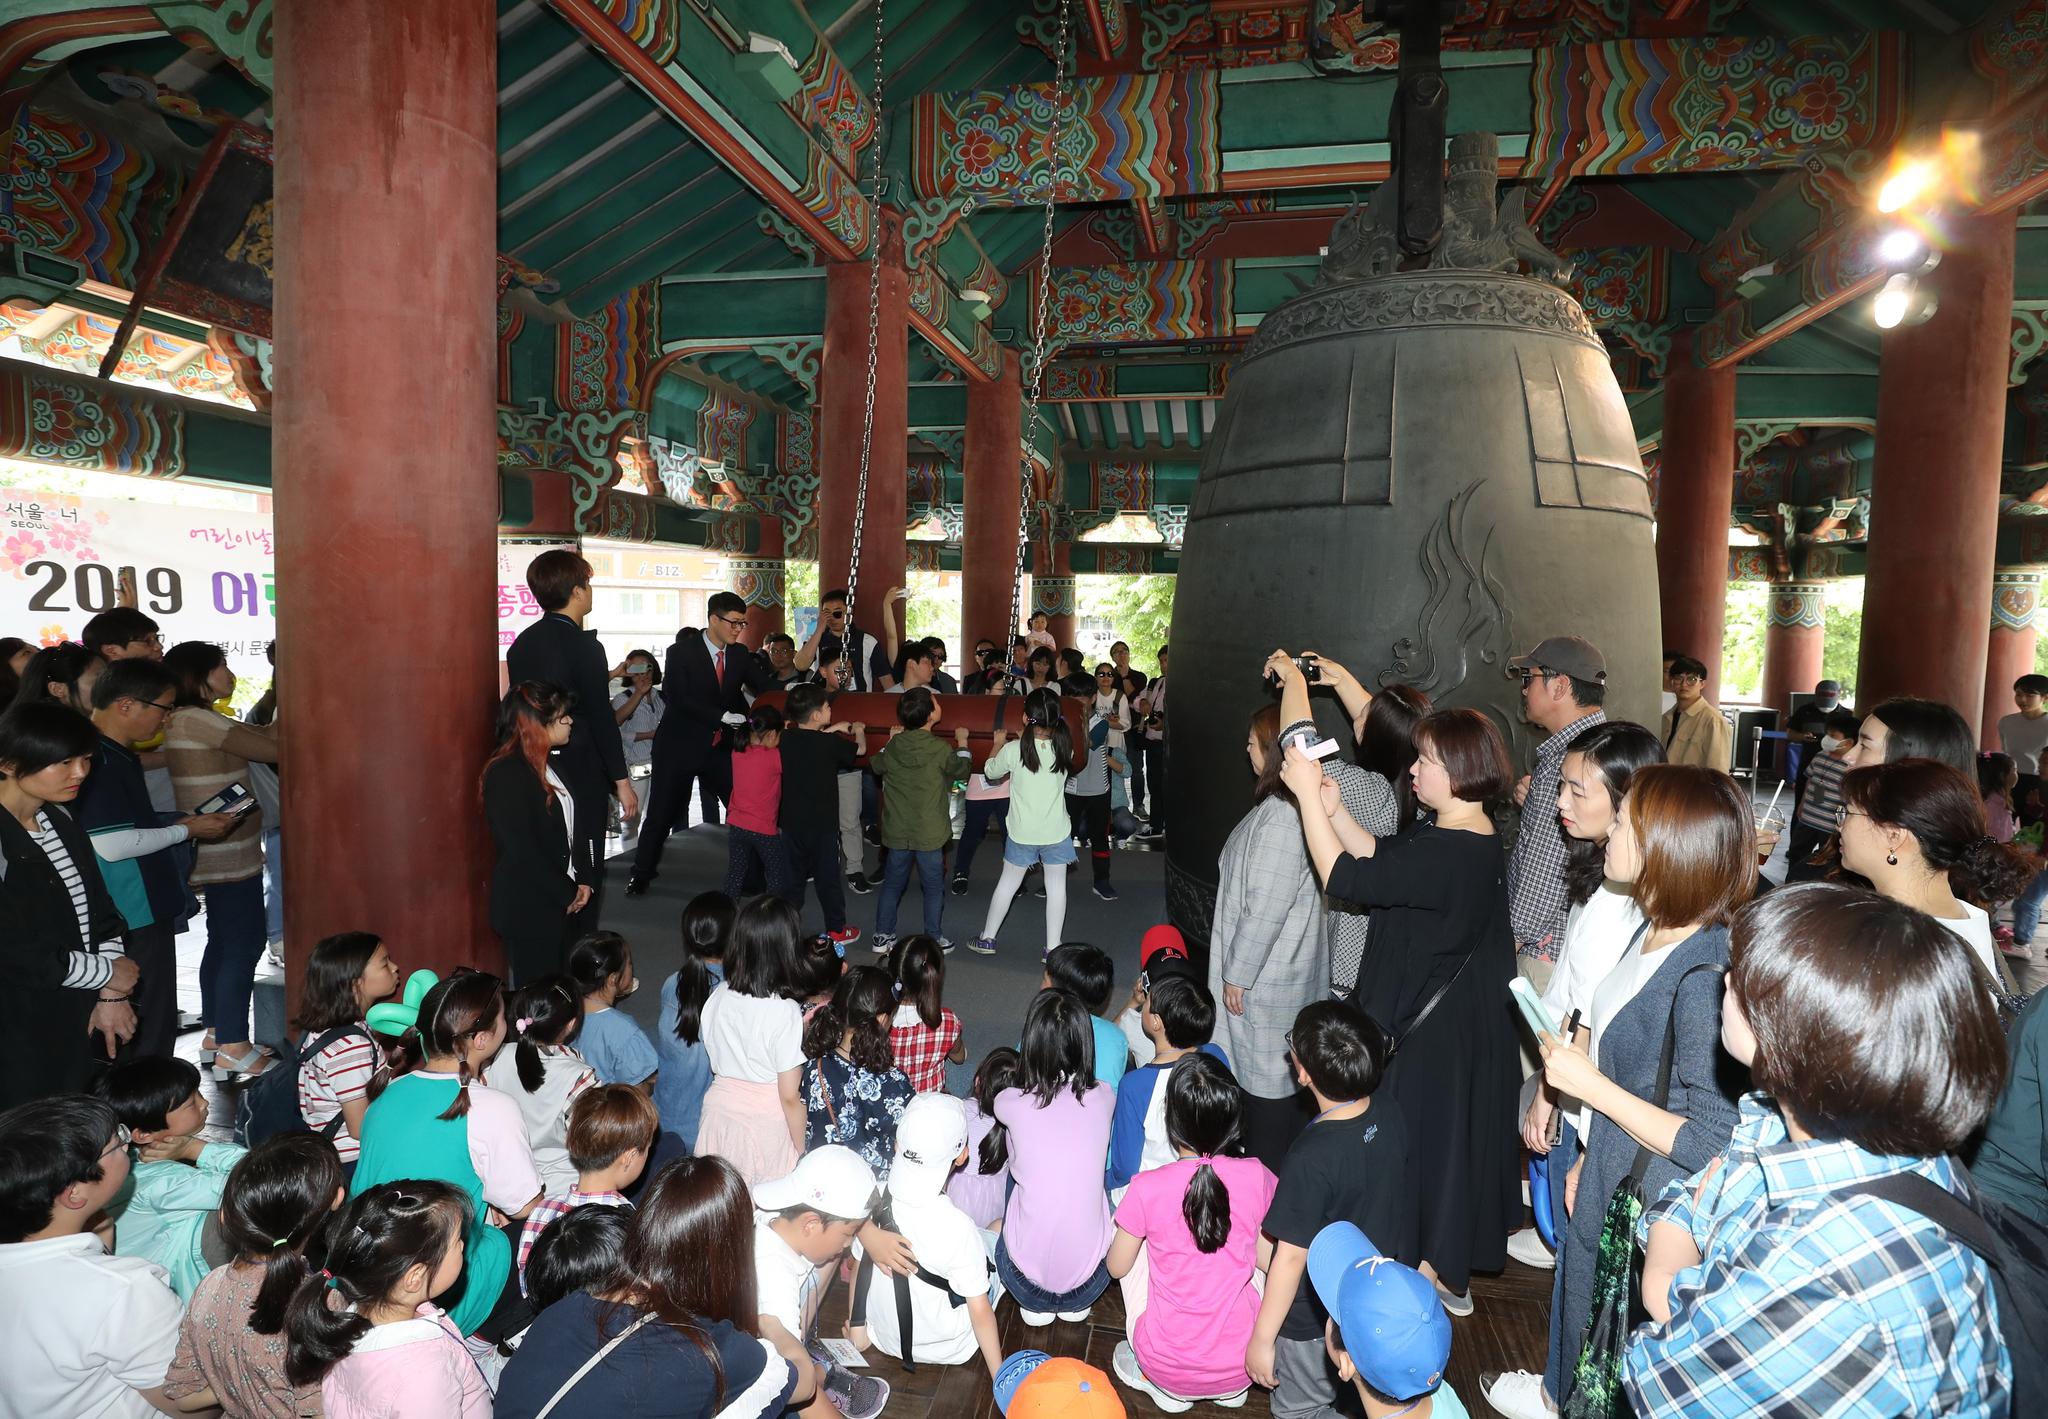 5일 서울 보신각에서 열린 '어린이날 희망타종행사'에서 어린이들이 타종하고 있다. [연합뉴스]